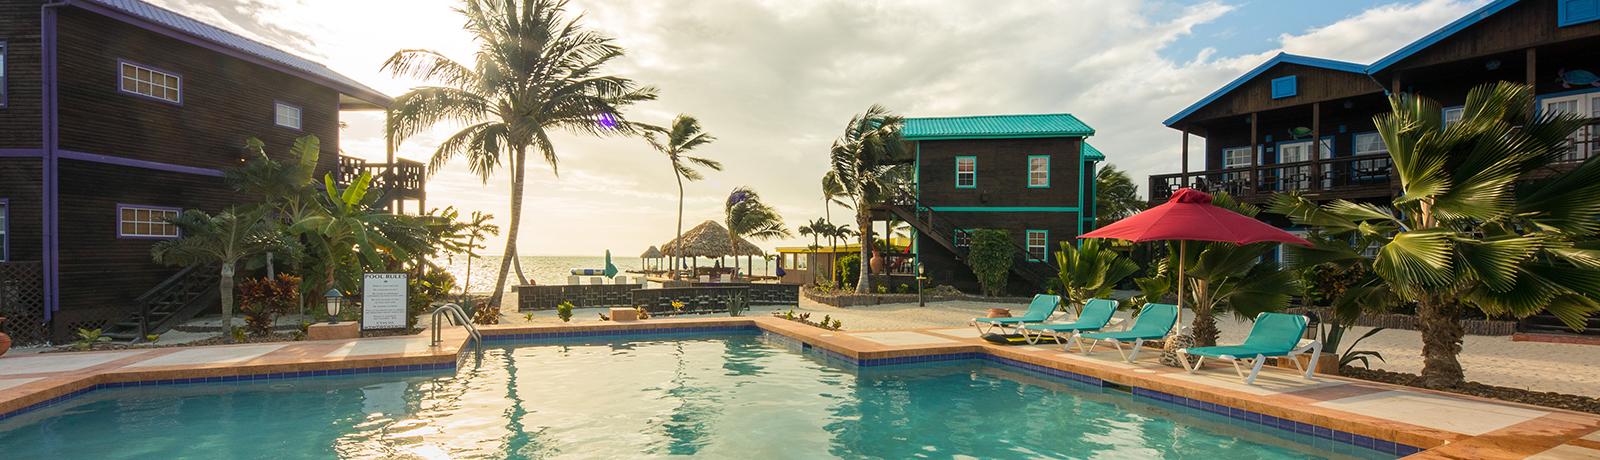 Xtan-Ha-Beachfront-Resort-Belize